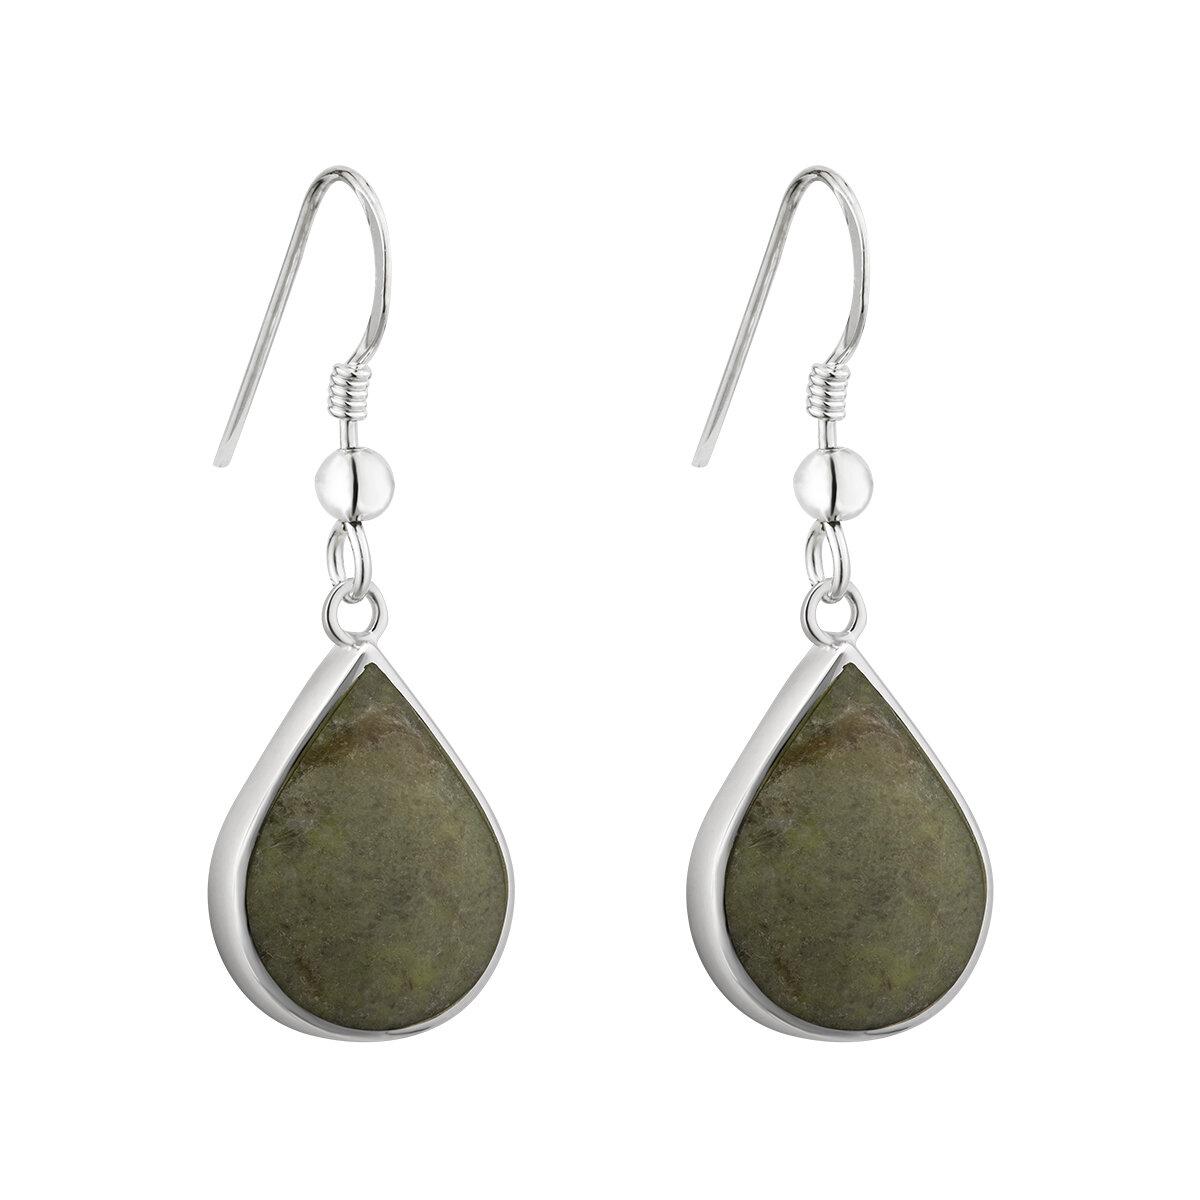 sterling silver tear drop marble drop earrings s34018 from Solvar